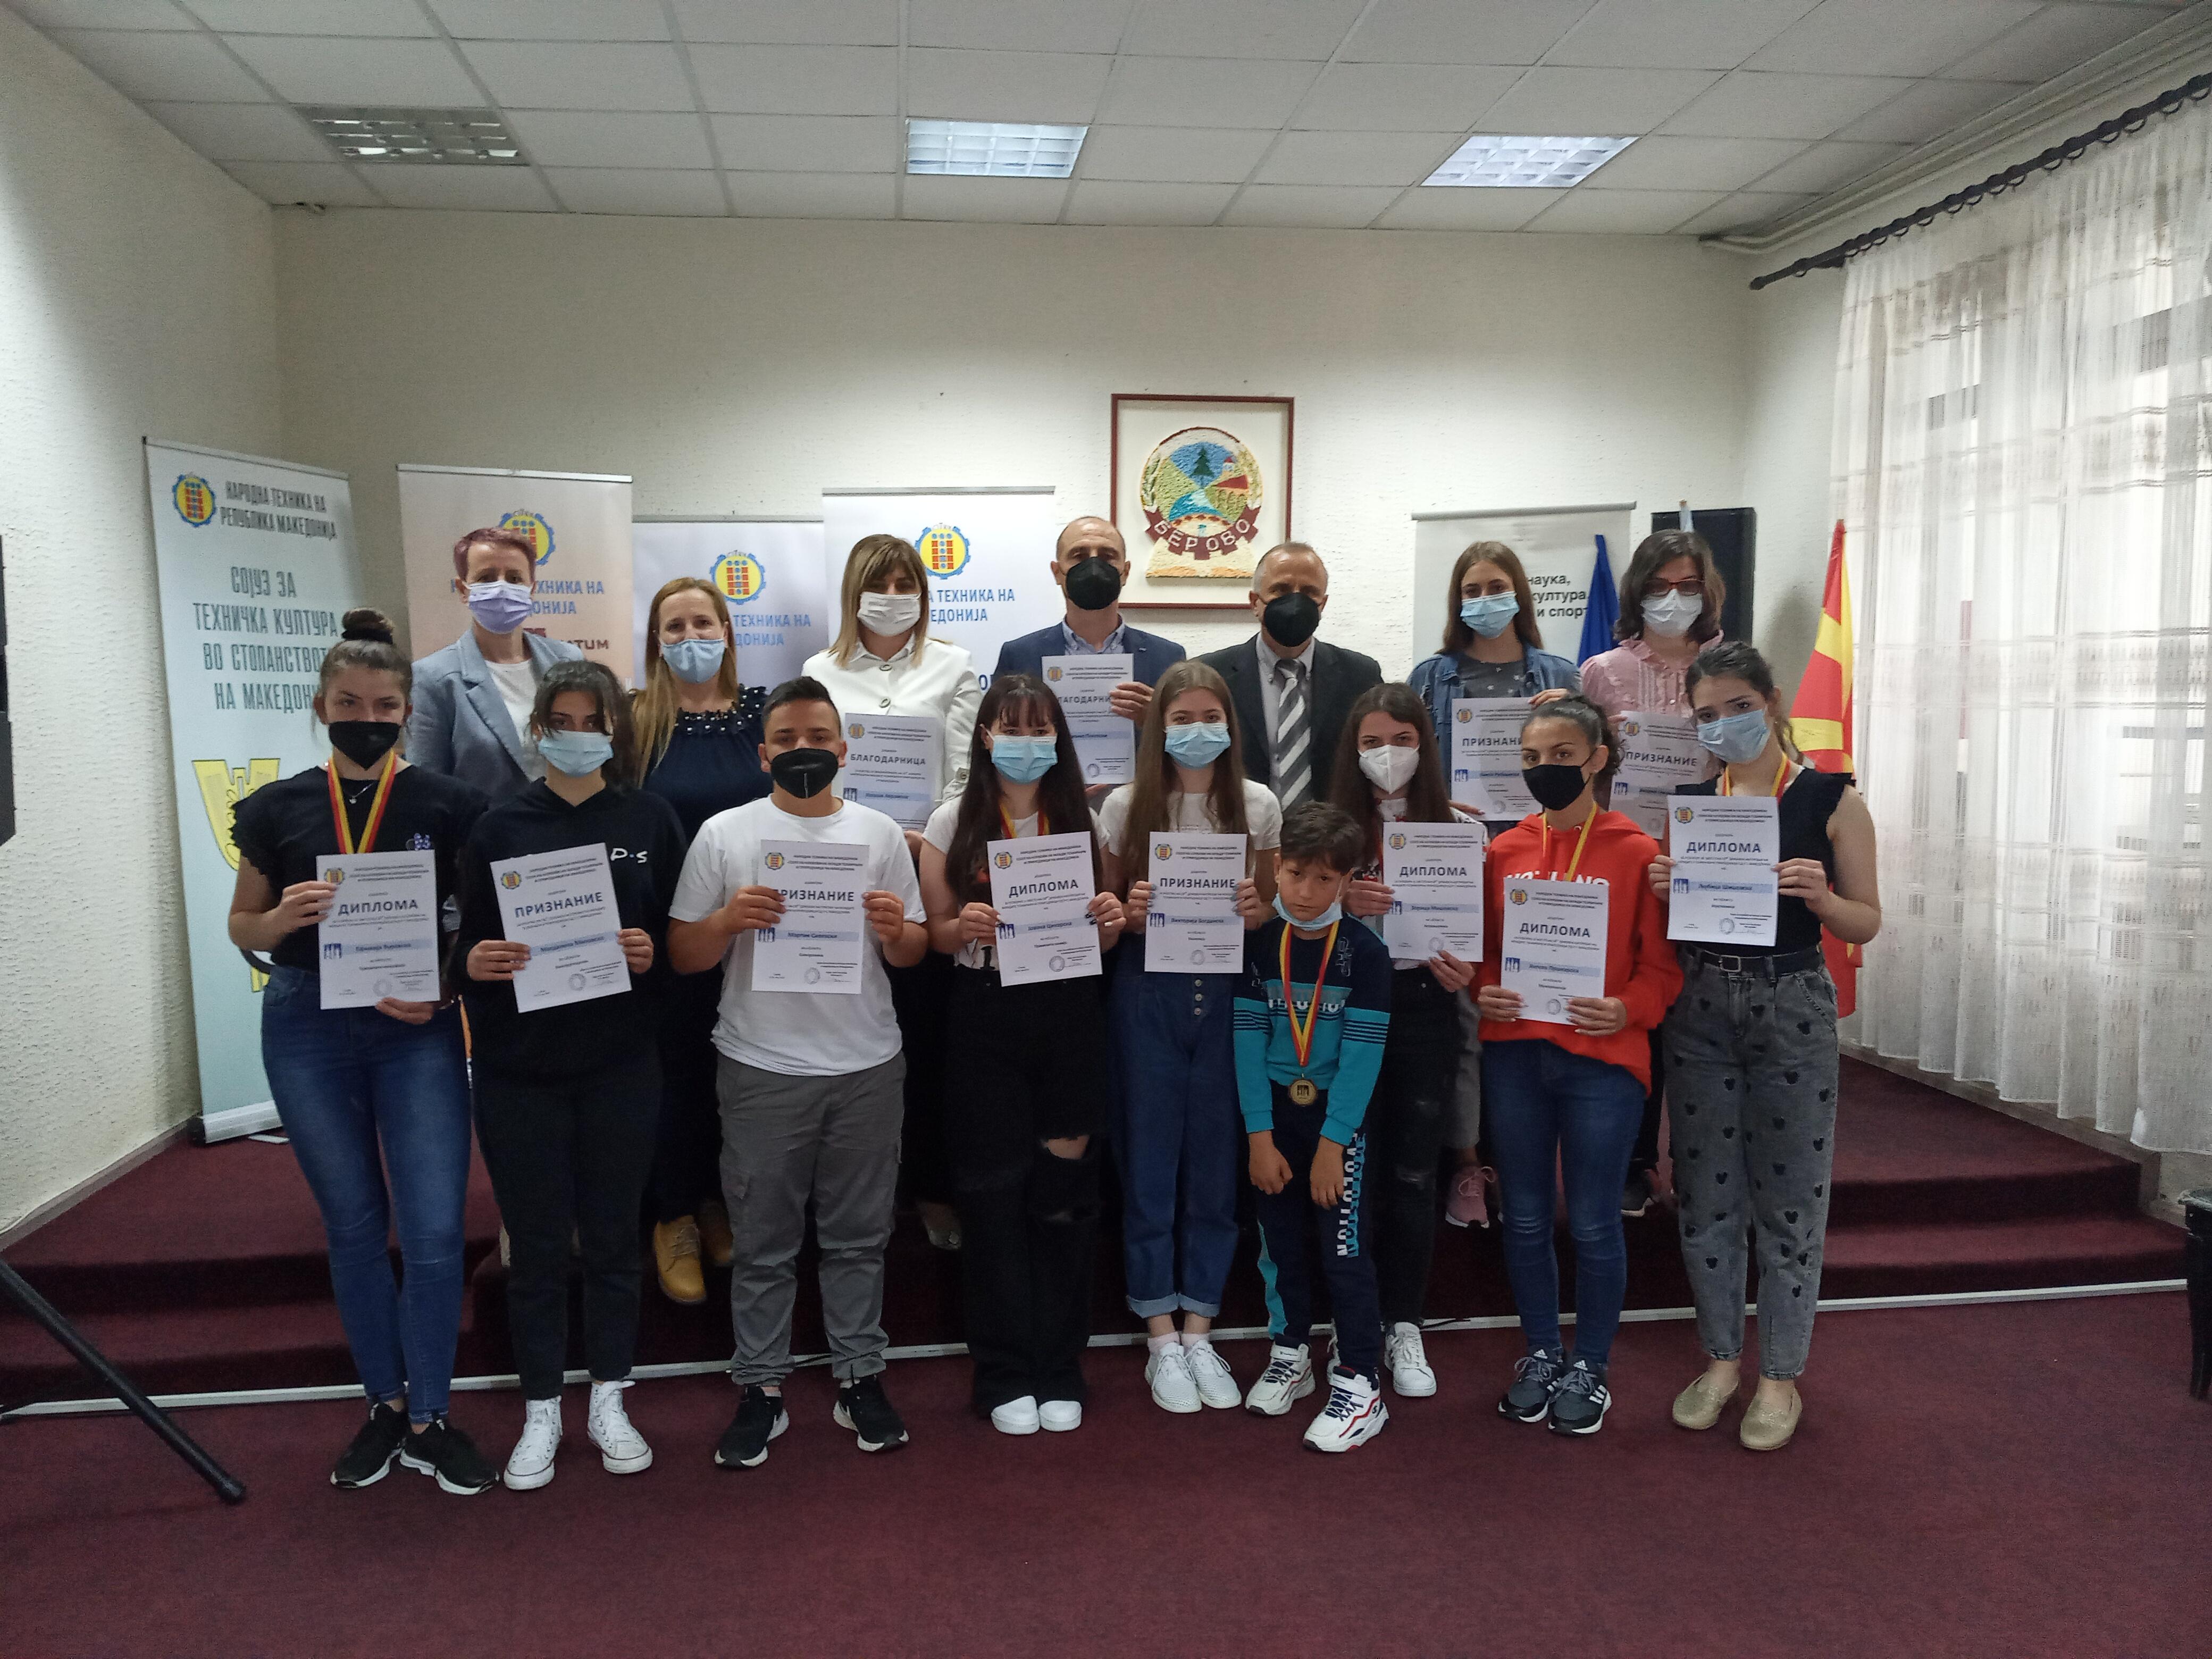 Доделени наградите на учениците кои постигнаа успех на натпреварите на млади техничари и истражувачи